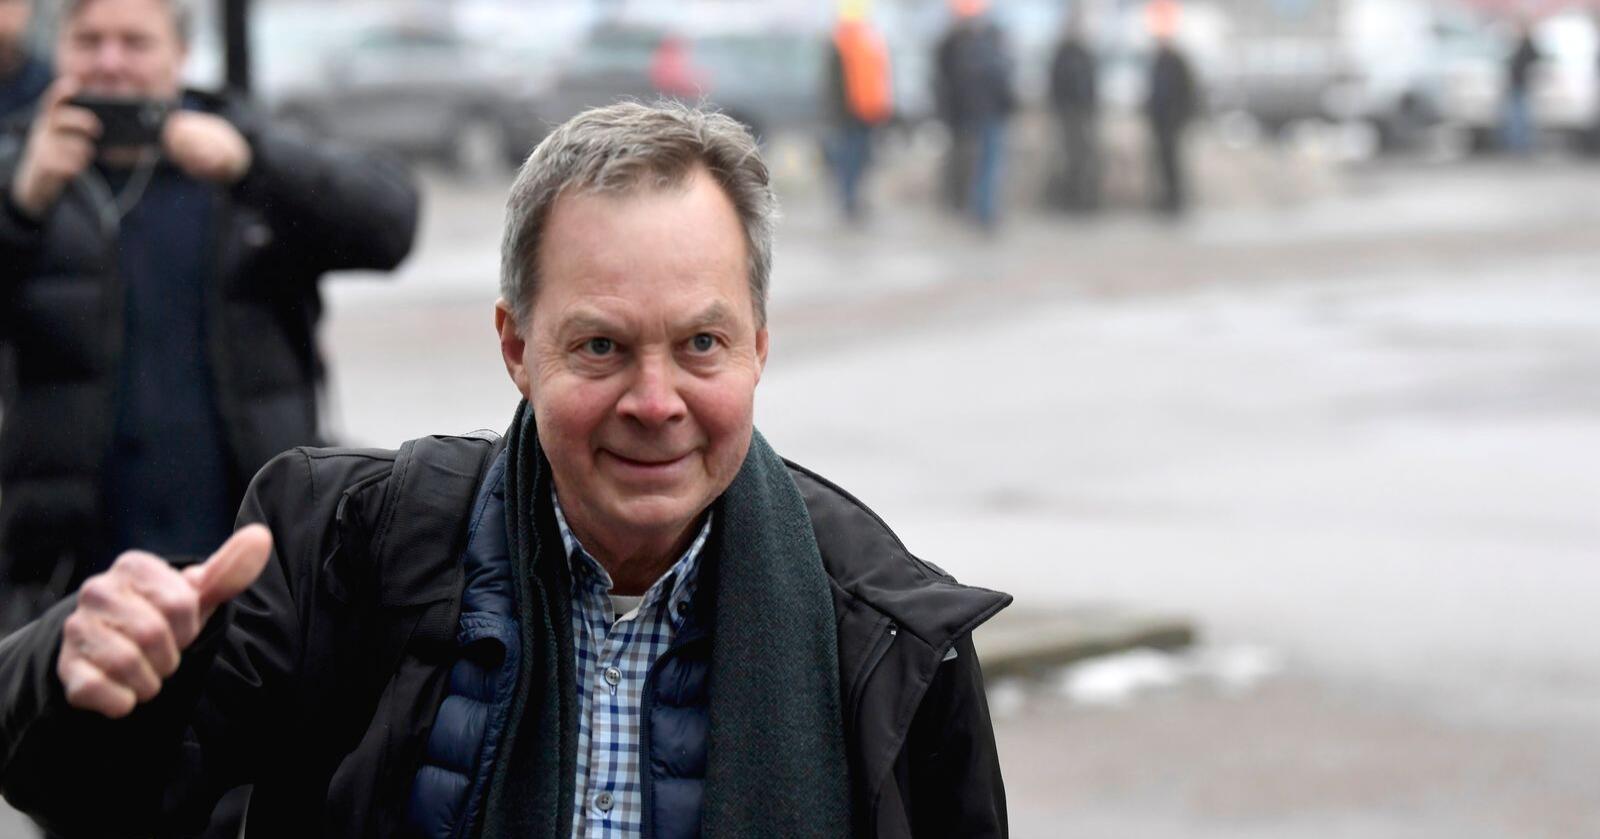 Milliardæren Karl Hedin ble fredag frifunnet på alle punkter av Västmanland tingsrett i Västerås. han risikerte fire års fengsel for ulovlig ulvejakt. Foto: Pontus Lundahl / TT